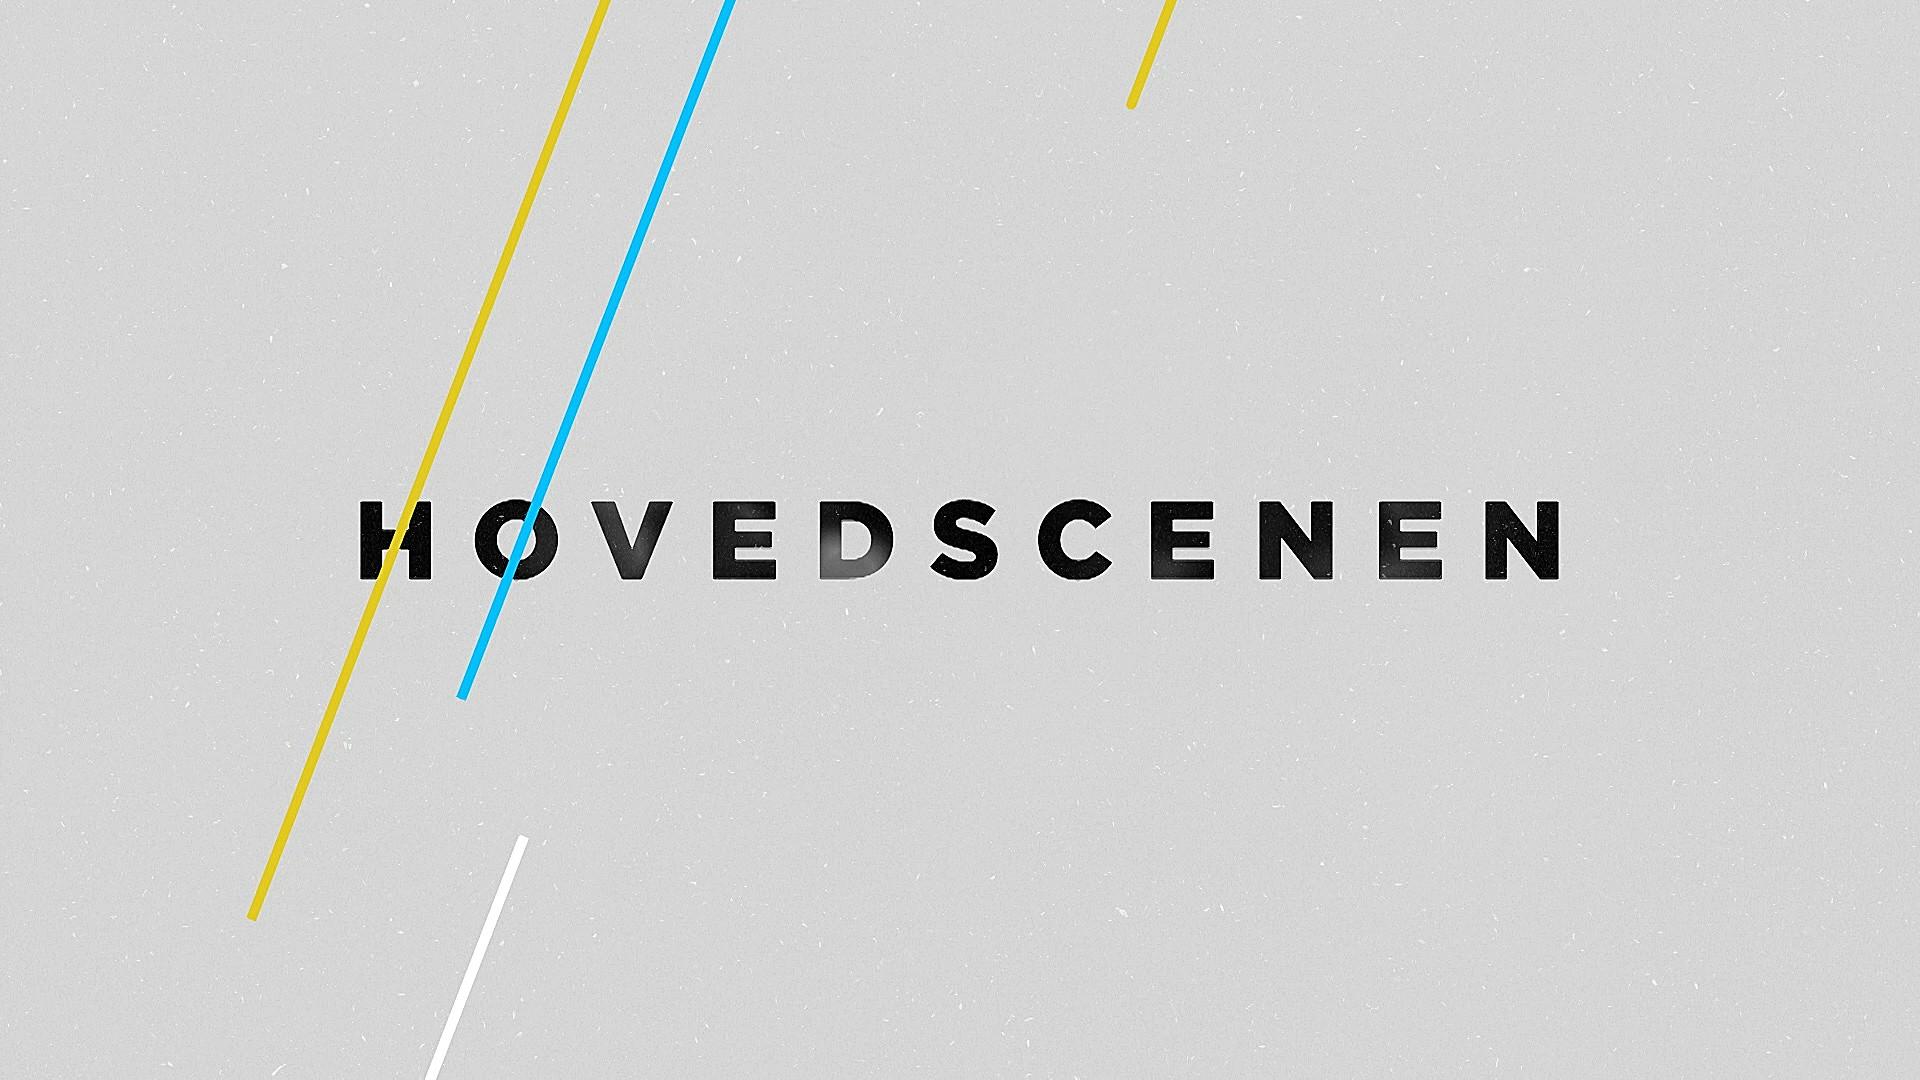 NRK TV – Hovedscenen - TV